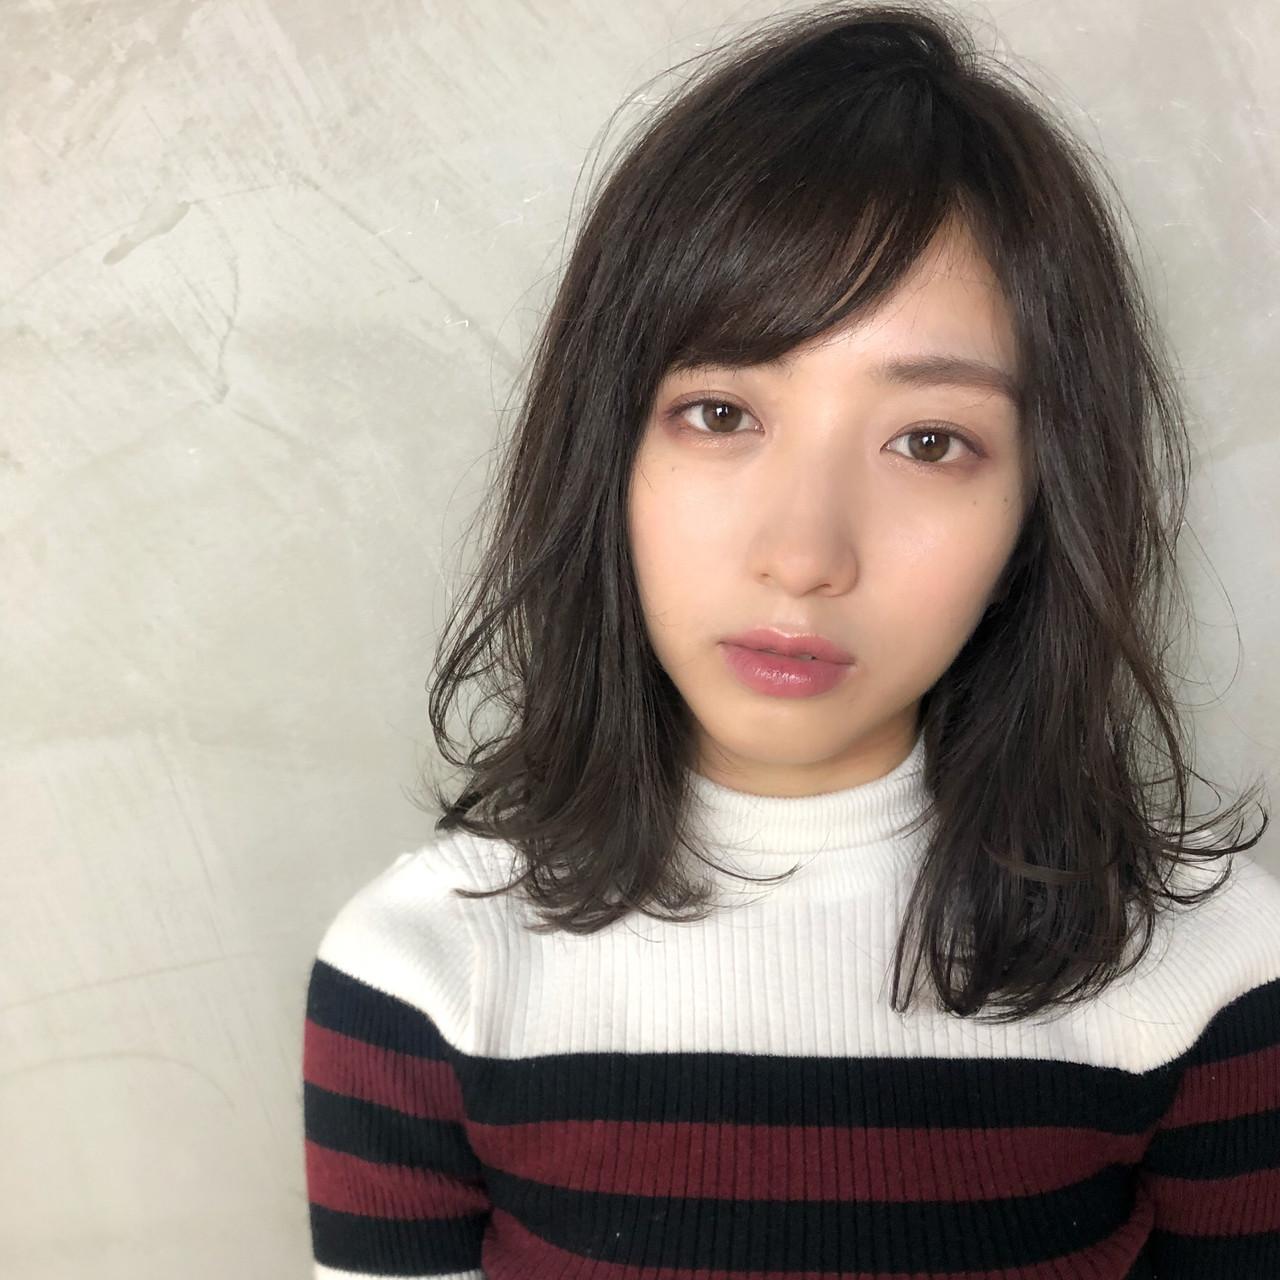 ミディアムヘア×斜め前髪は可愛くて上品 Ninomiya Takashi